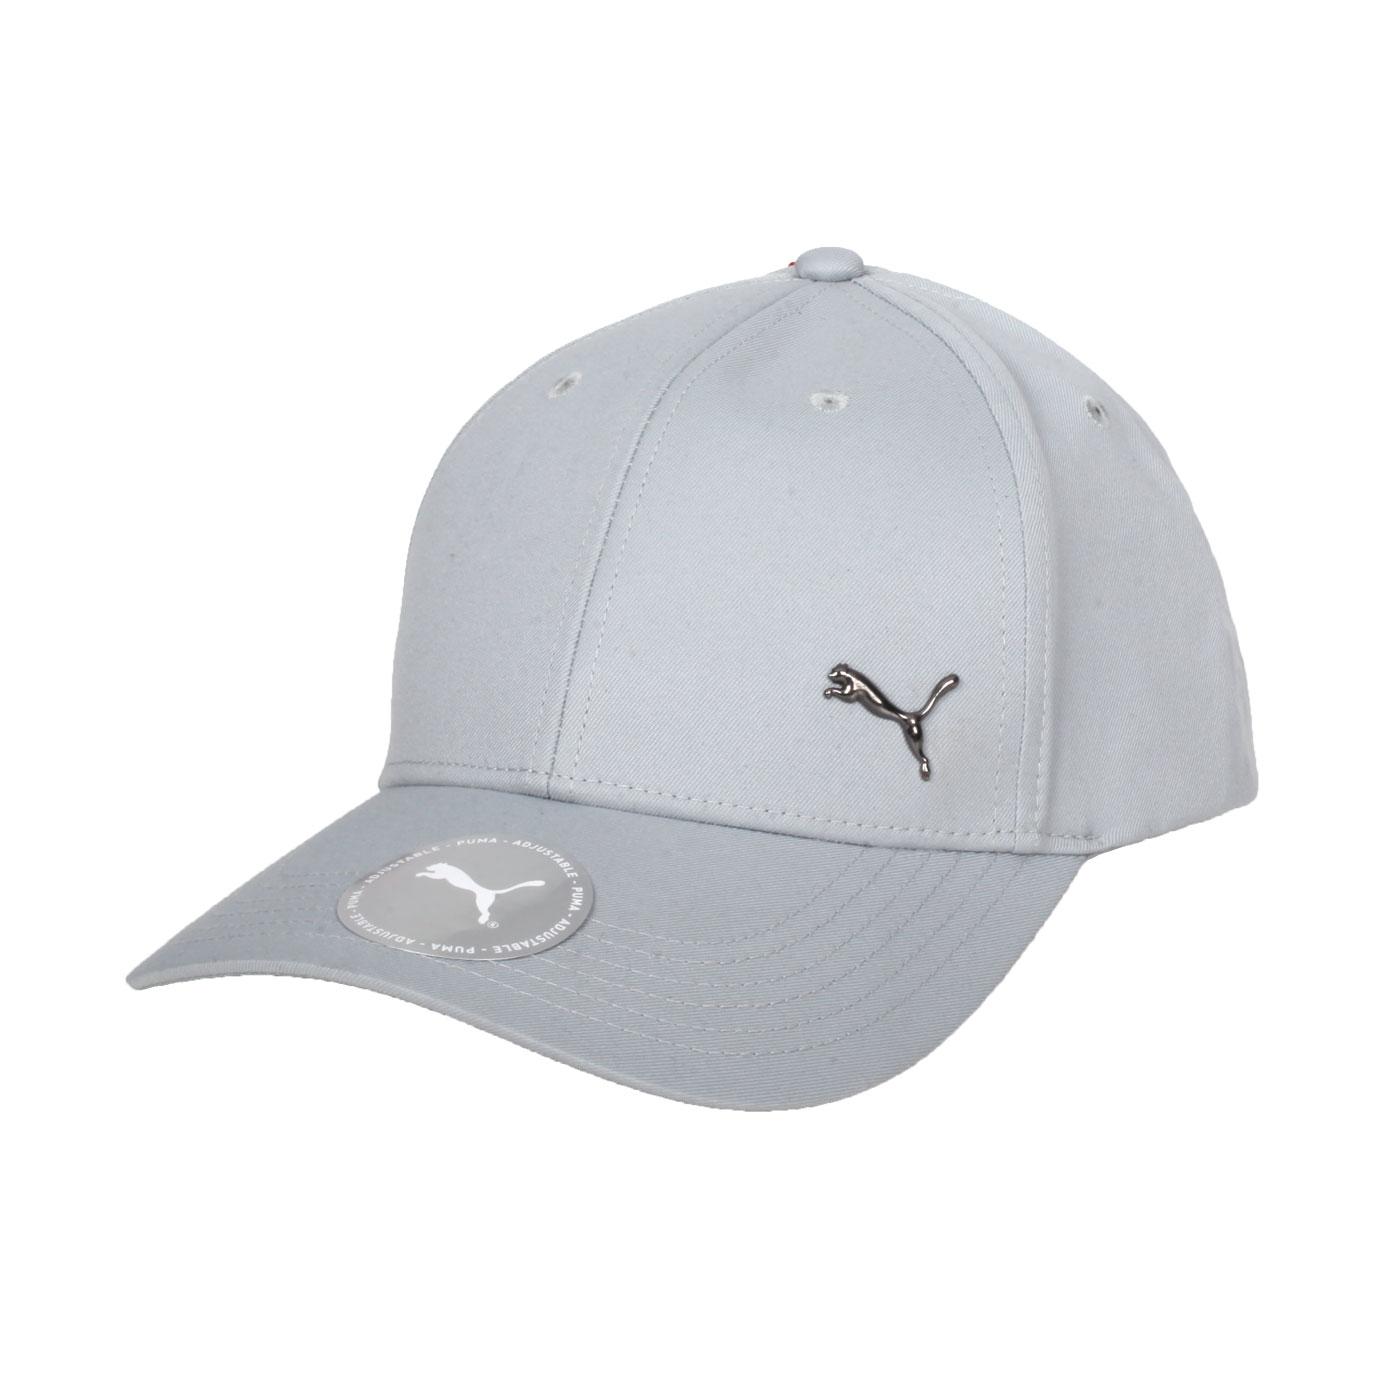 PUMA 基本系列棒球帽 02126919 - 灰黑